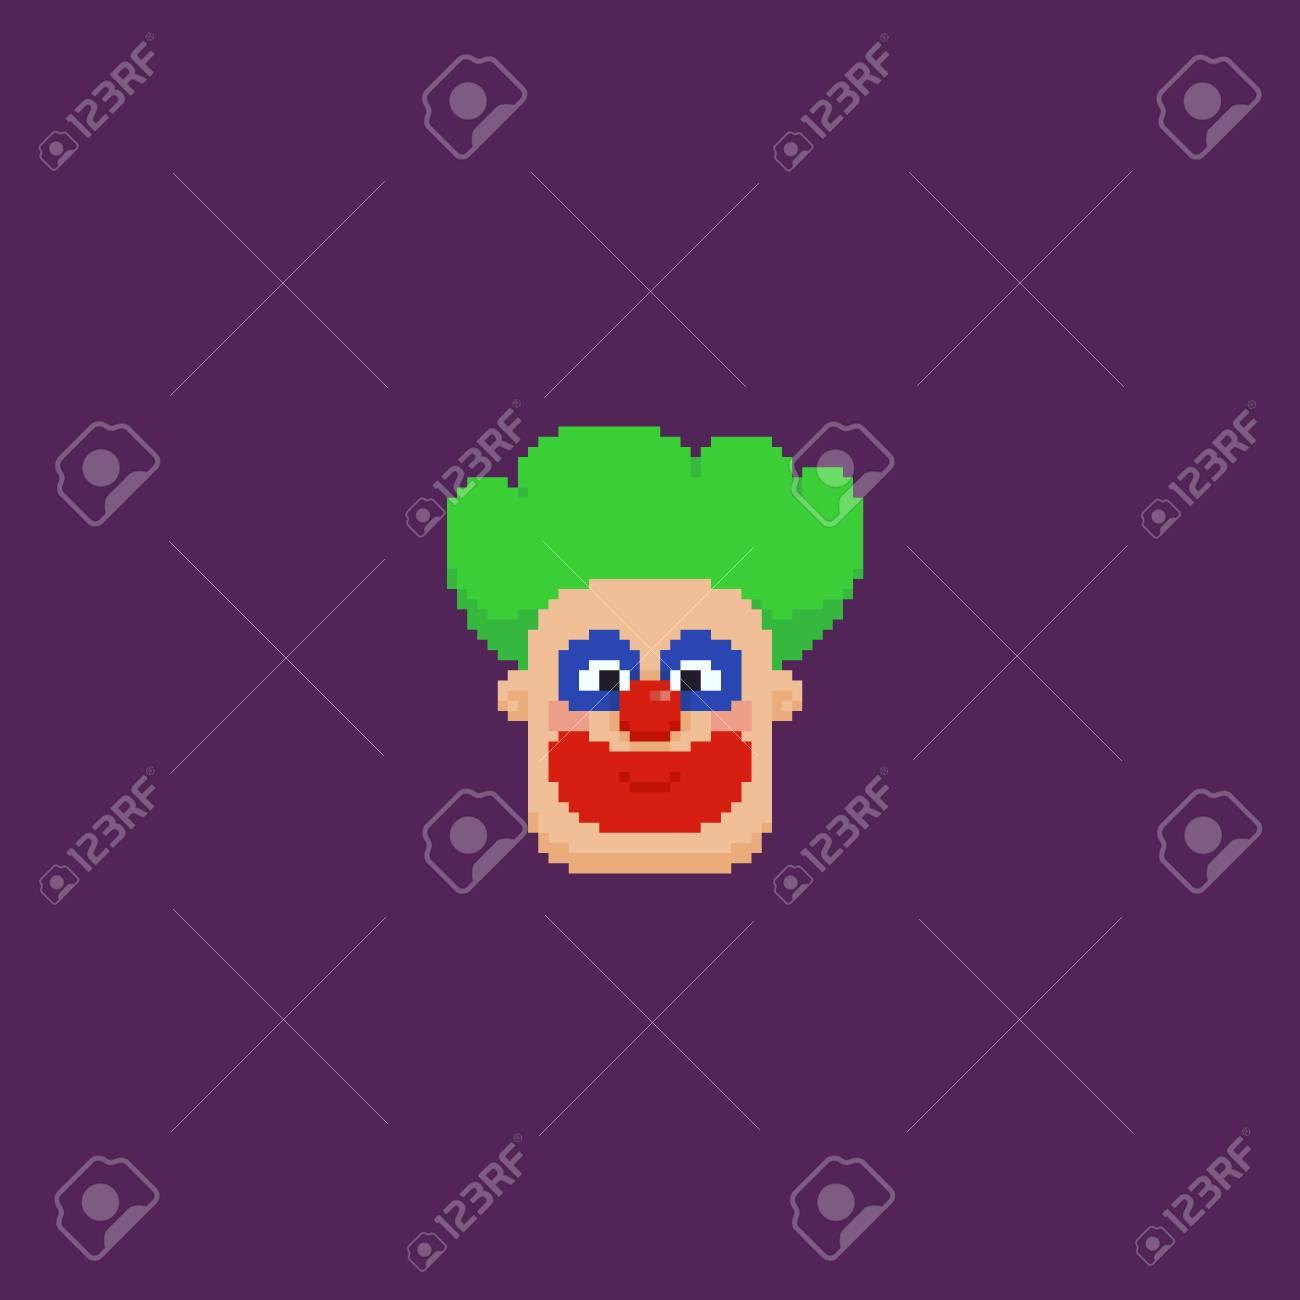 Pixel Art Tête De Clown Aux Cheveux Verts